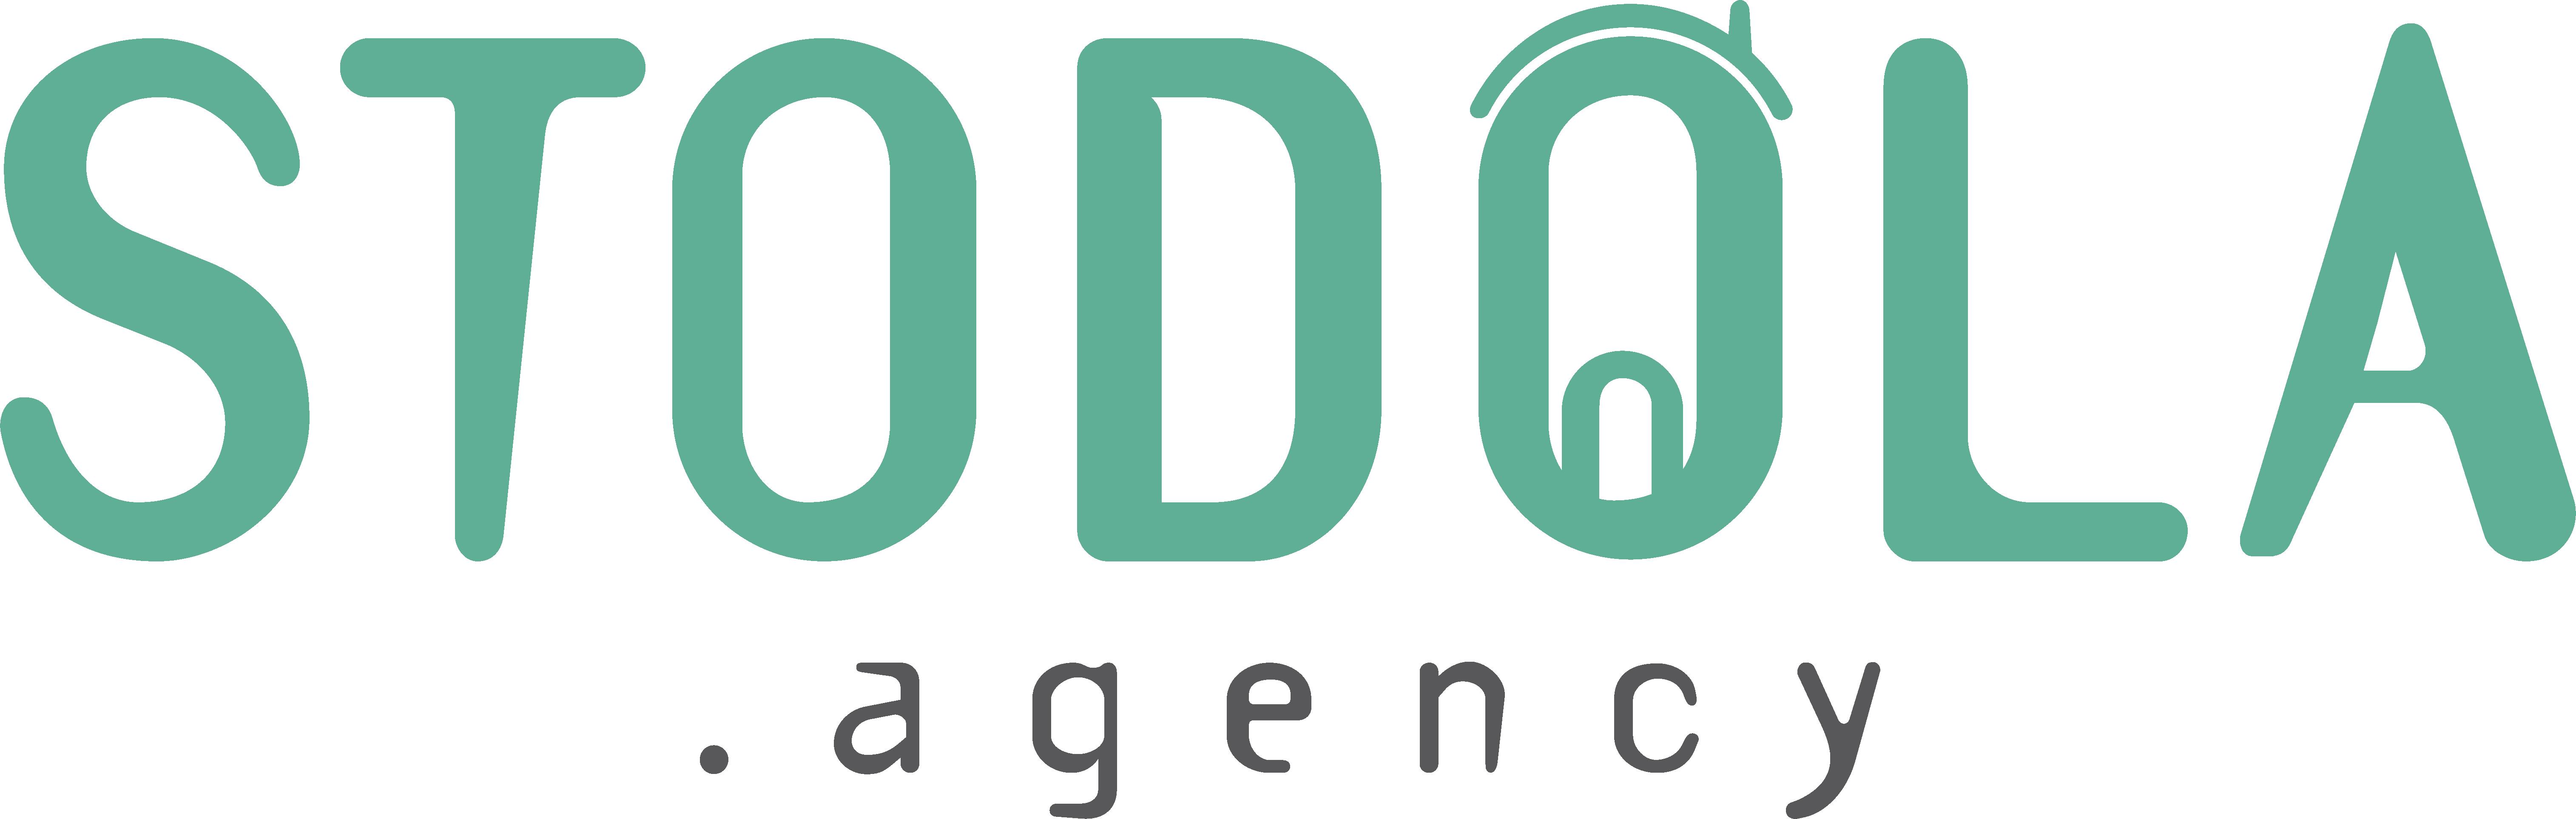 Stodola Agency